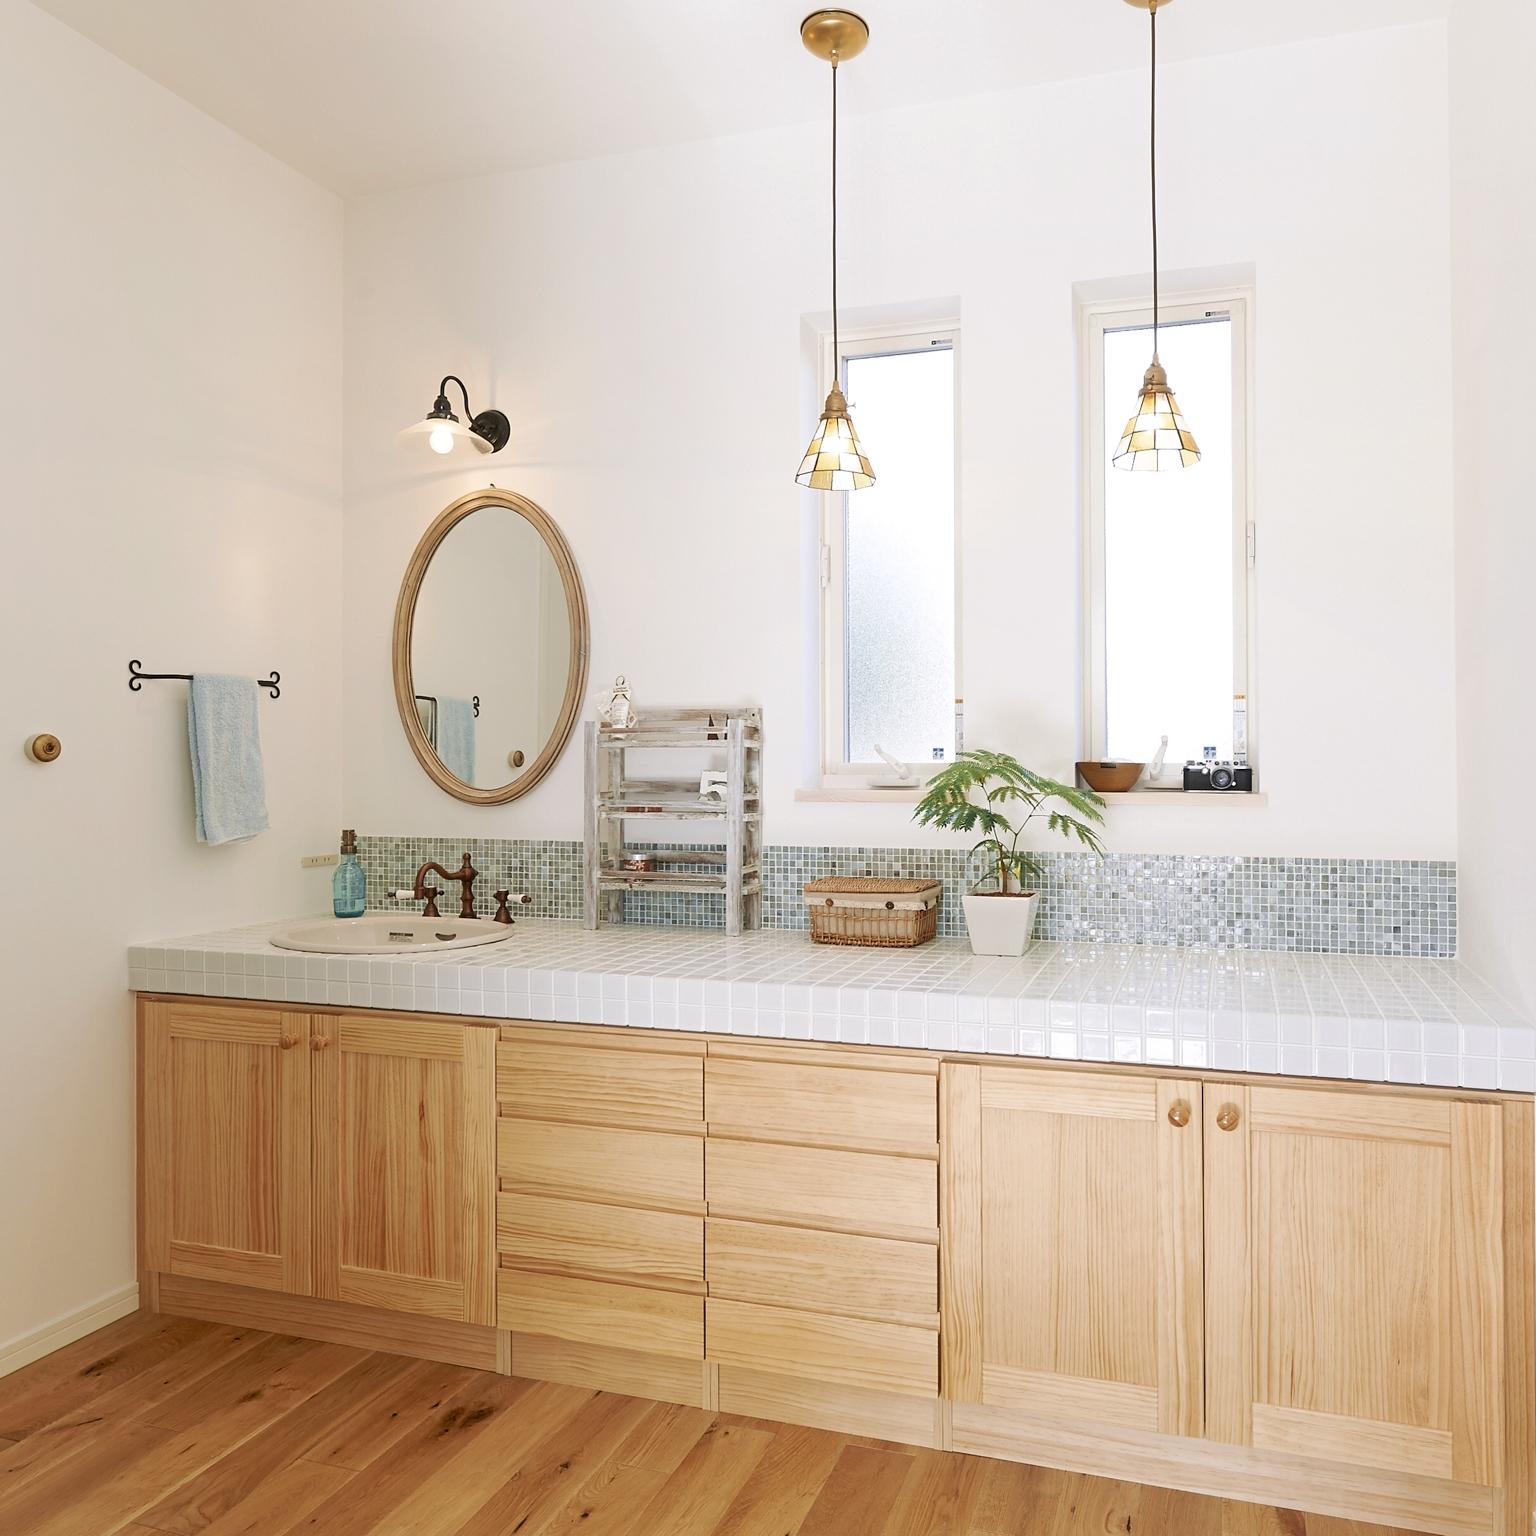 洗面所&脱衣所に注目!気になる水周りインテリアと収納術を大公開